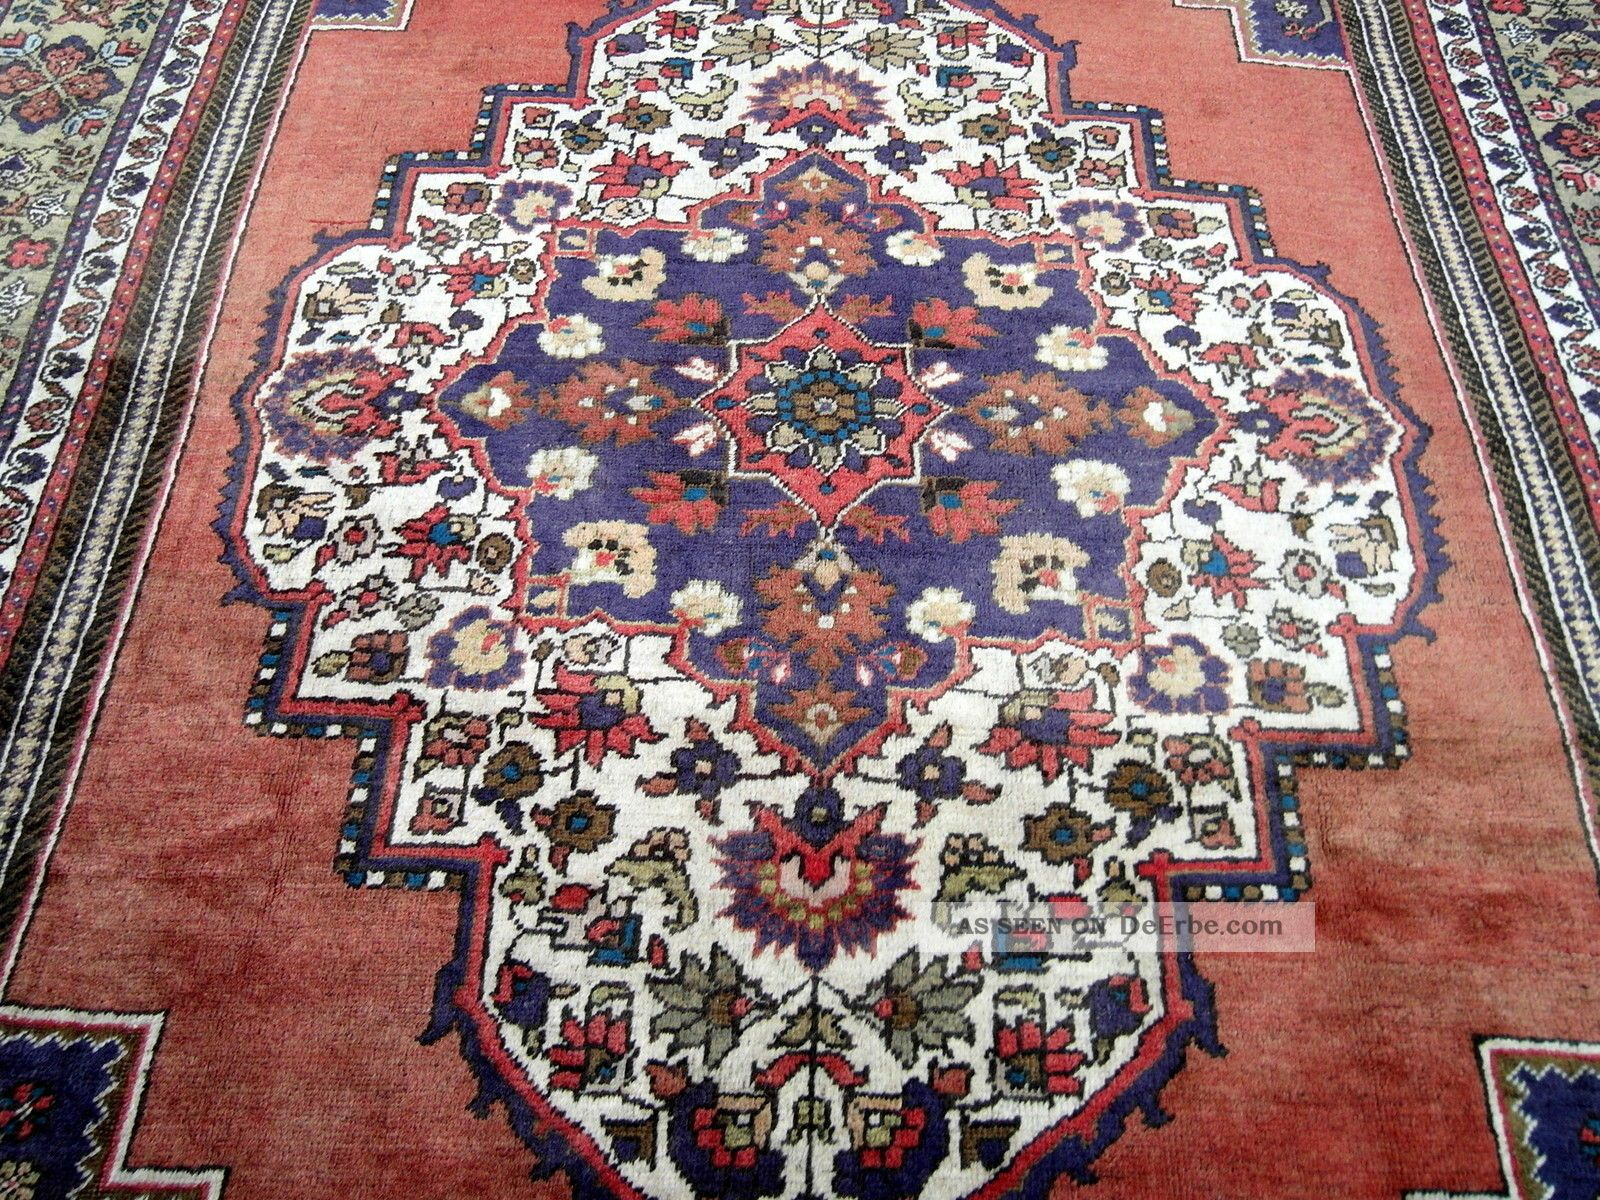 Badezimmer Teppich Englisch Feiner Orient Teppich Gelb 200 X 200